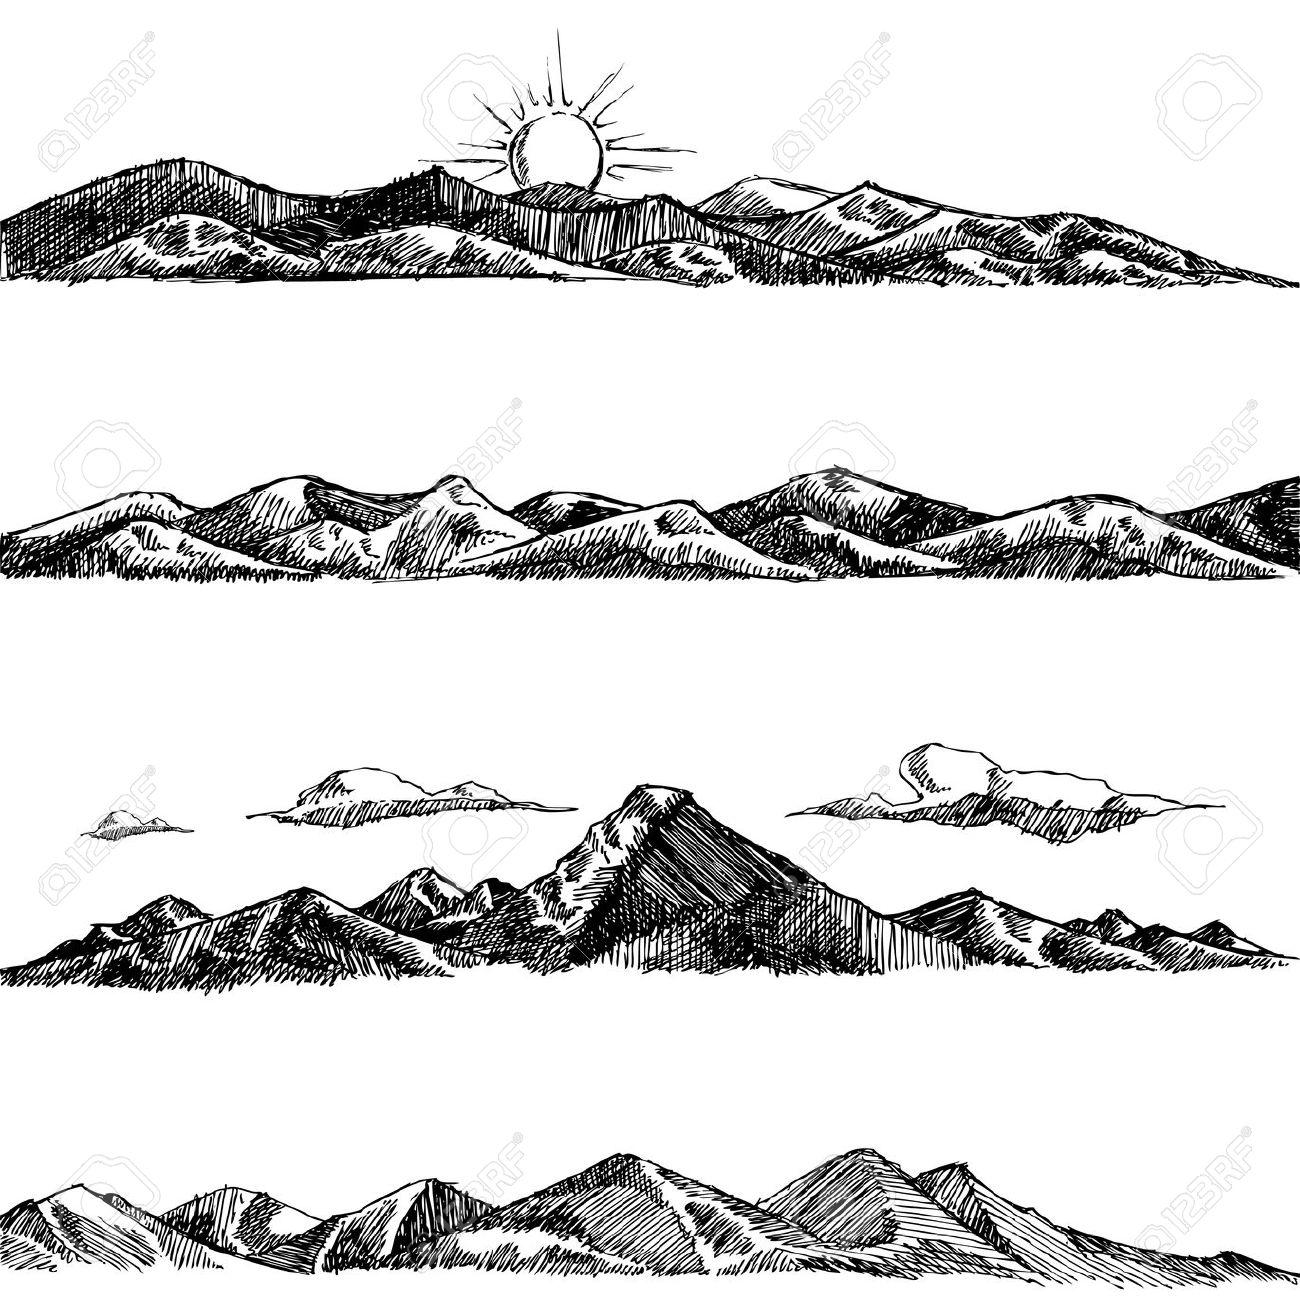 Drawn hill bush Google Pinterest Printing Search mountains